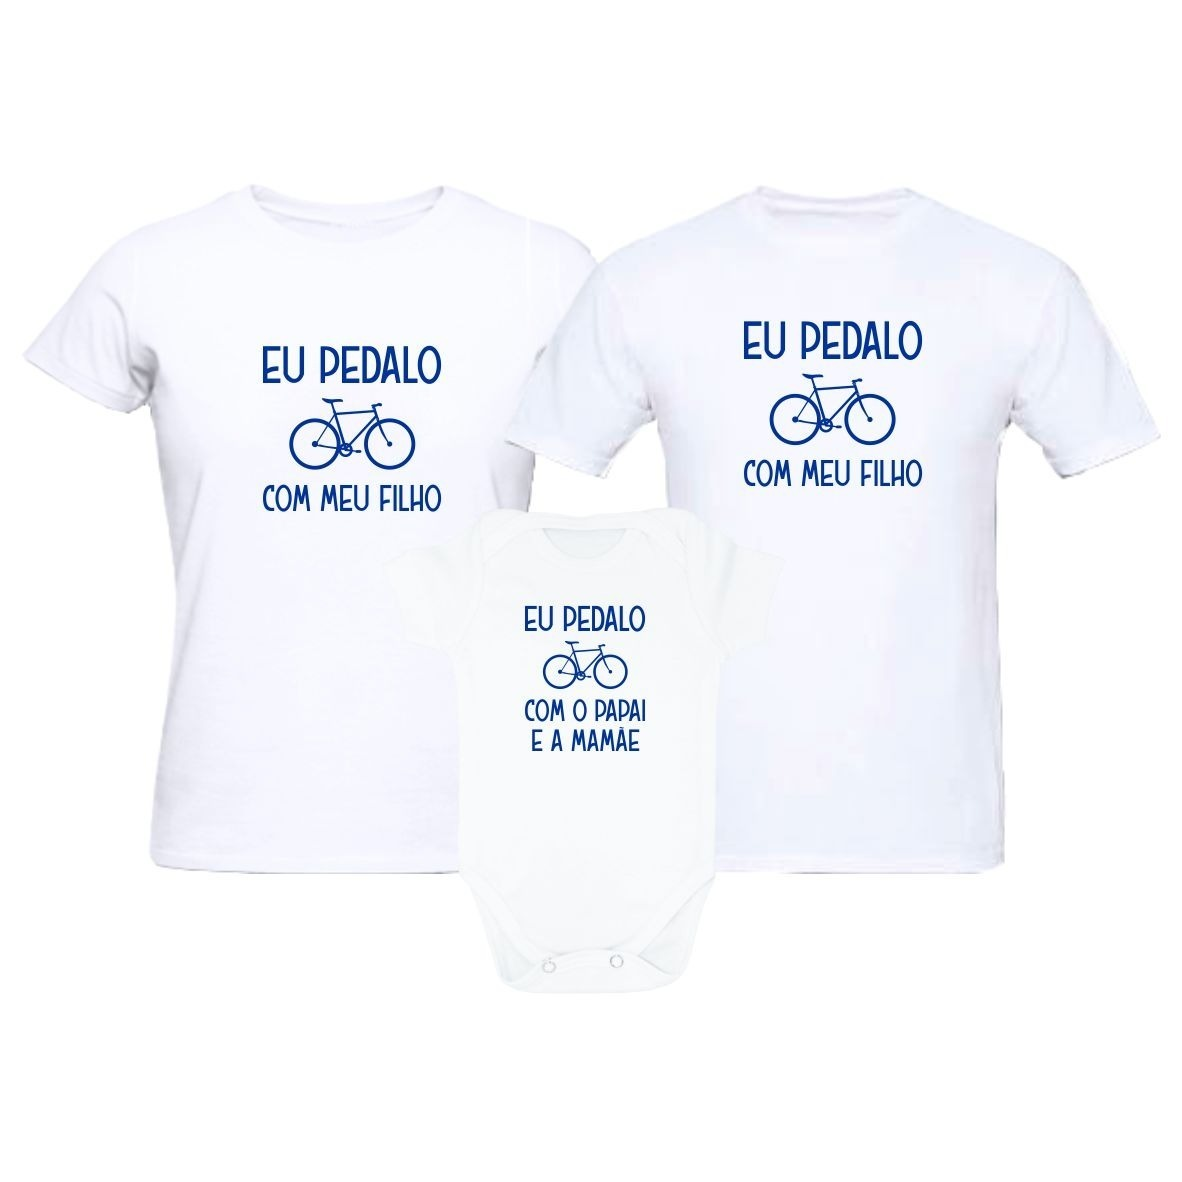 5ad7a6a9d Camisetas Ciclismo Kit Família Pedalo Com Meu Filho(a) - R$ 104,90 ...